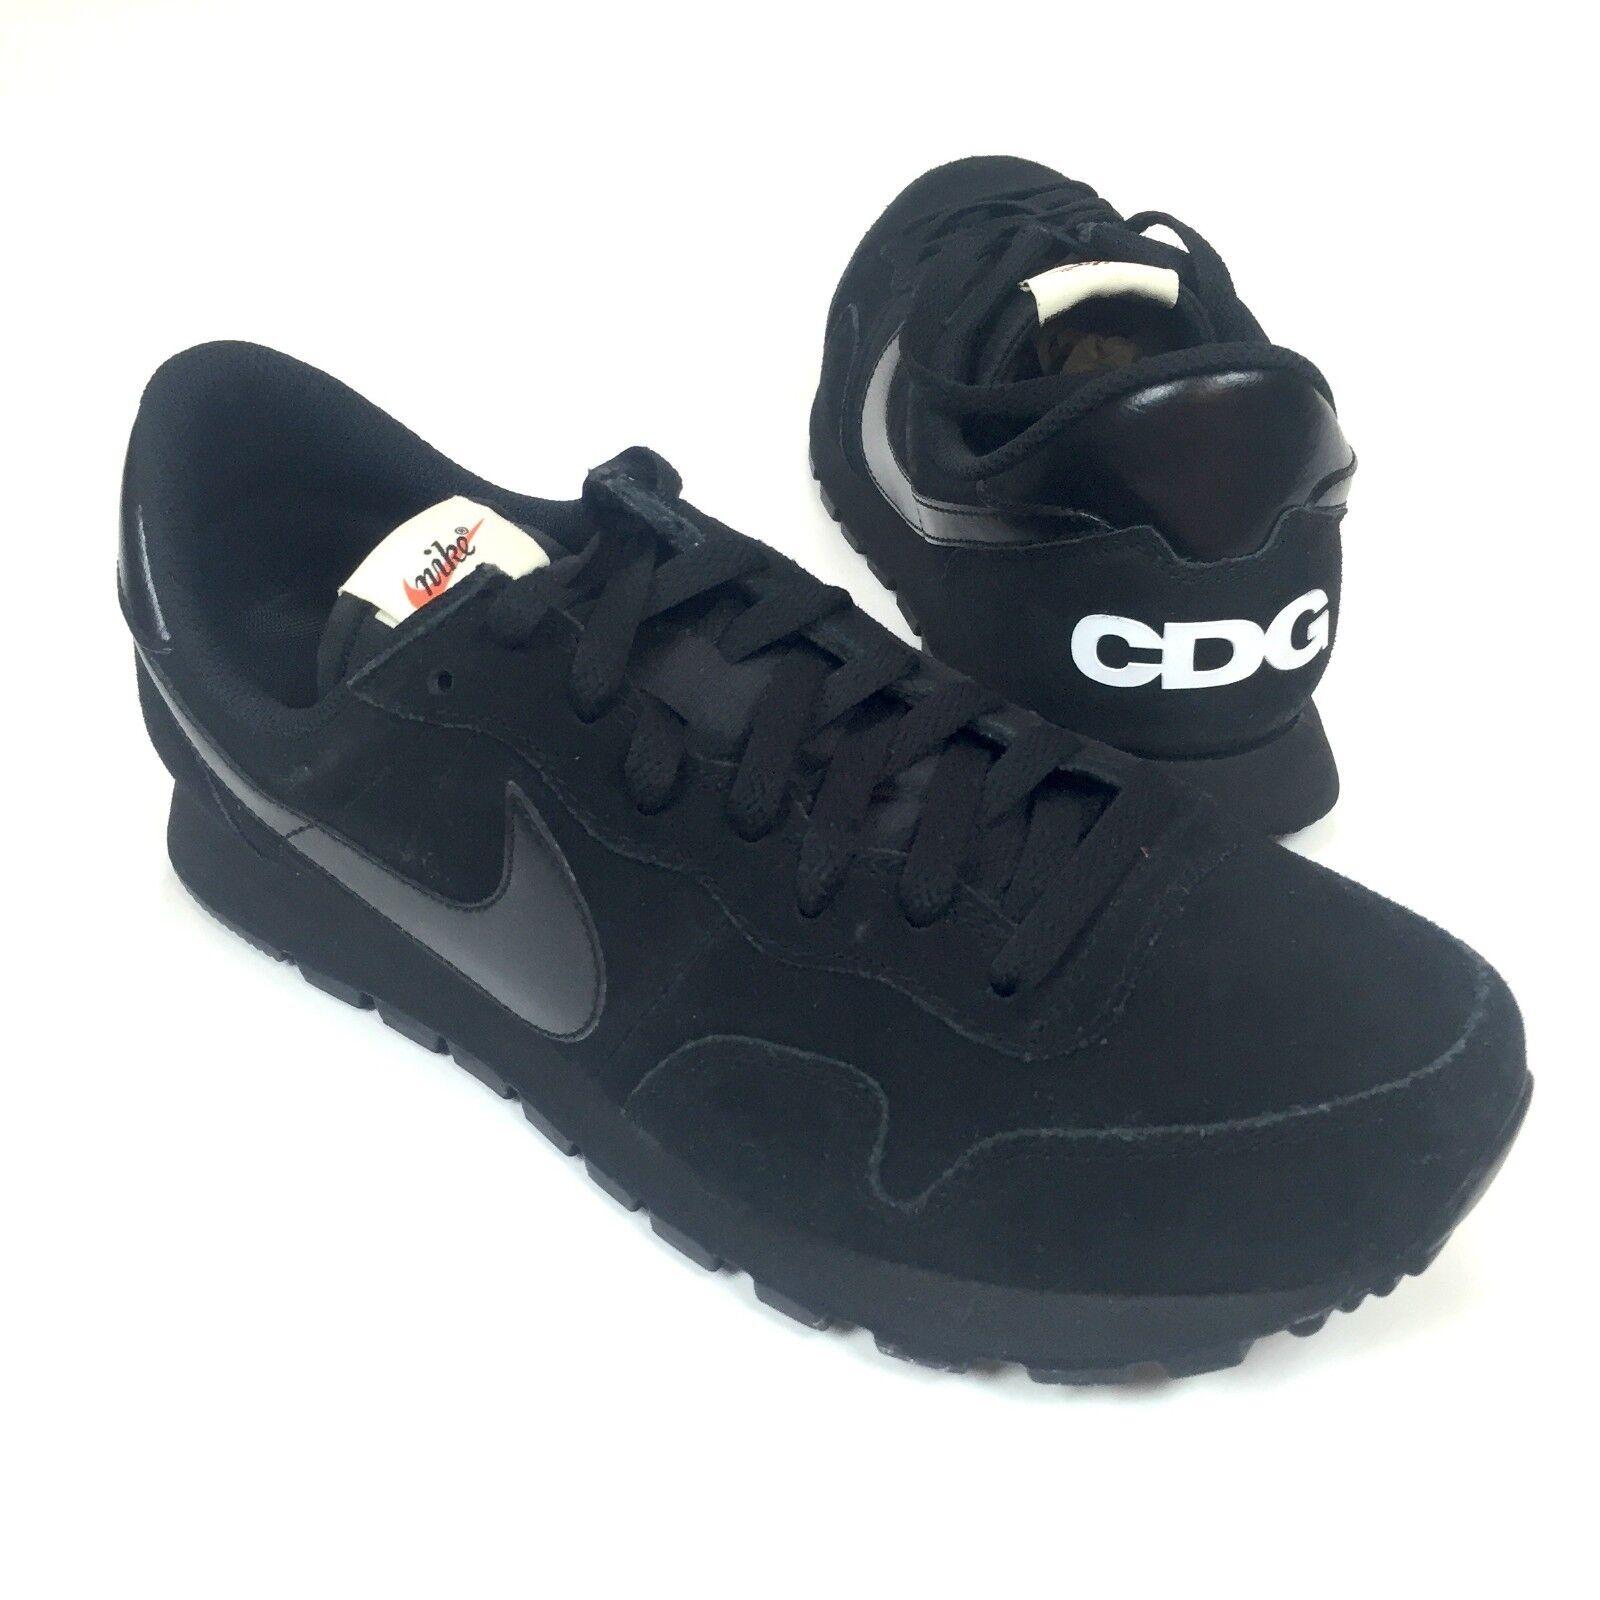 Comme des garcons cdg nero nwt nike air pegasus 83 uomini scamosciato scarpe autentico